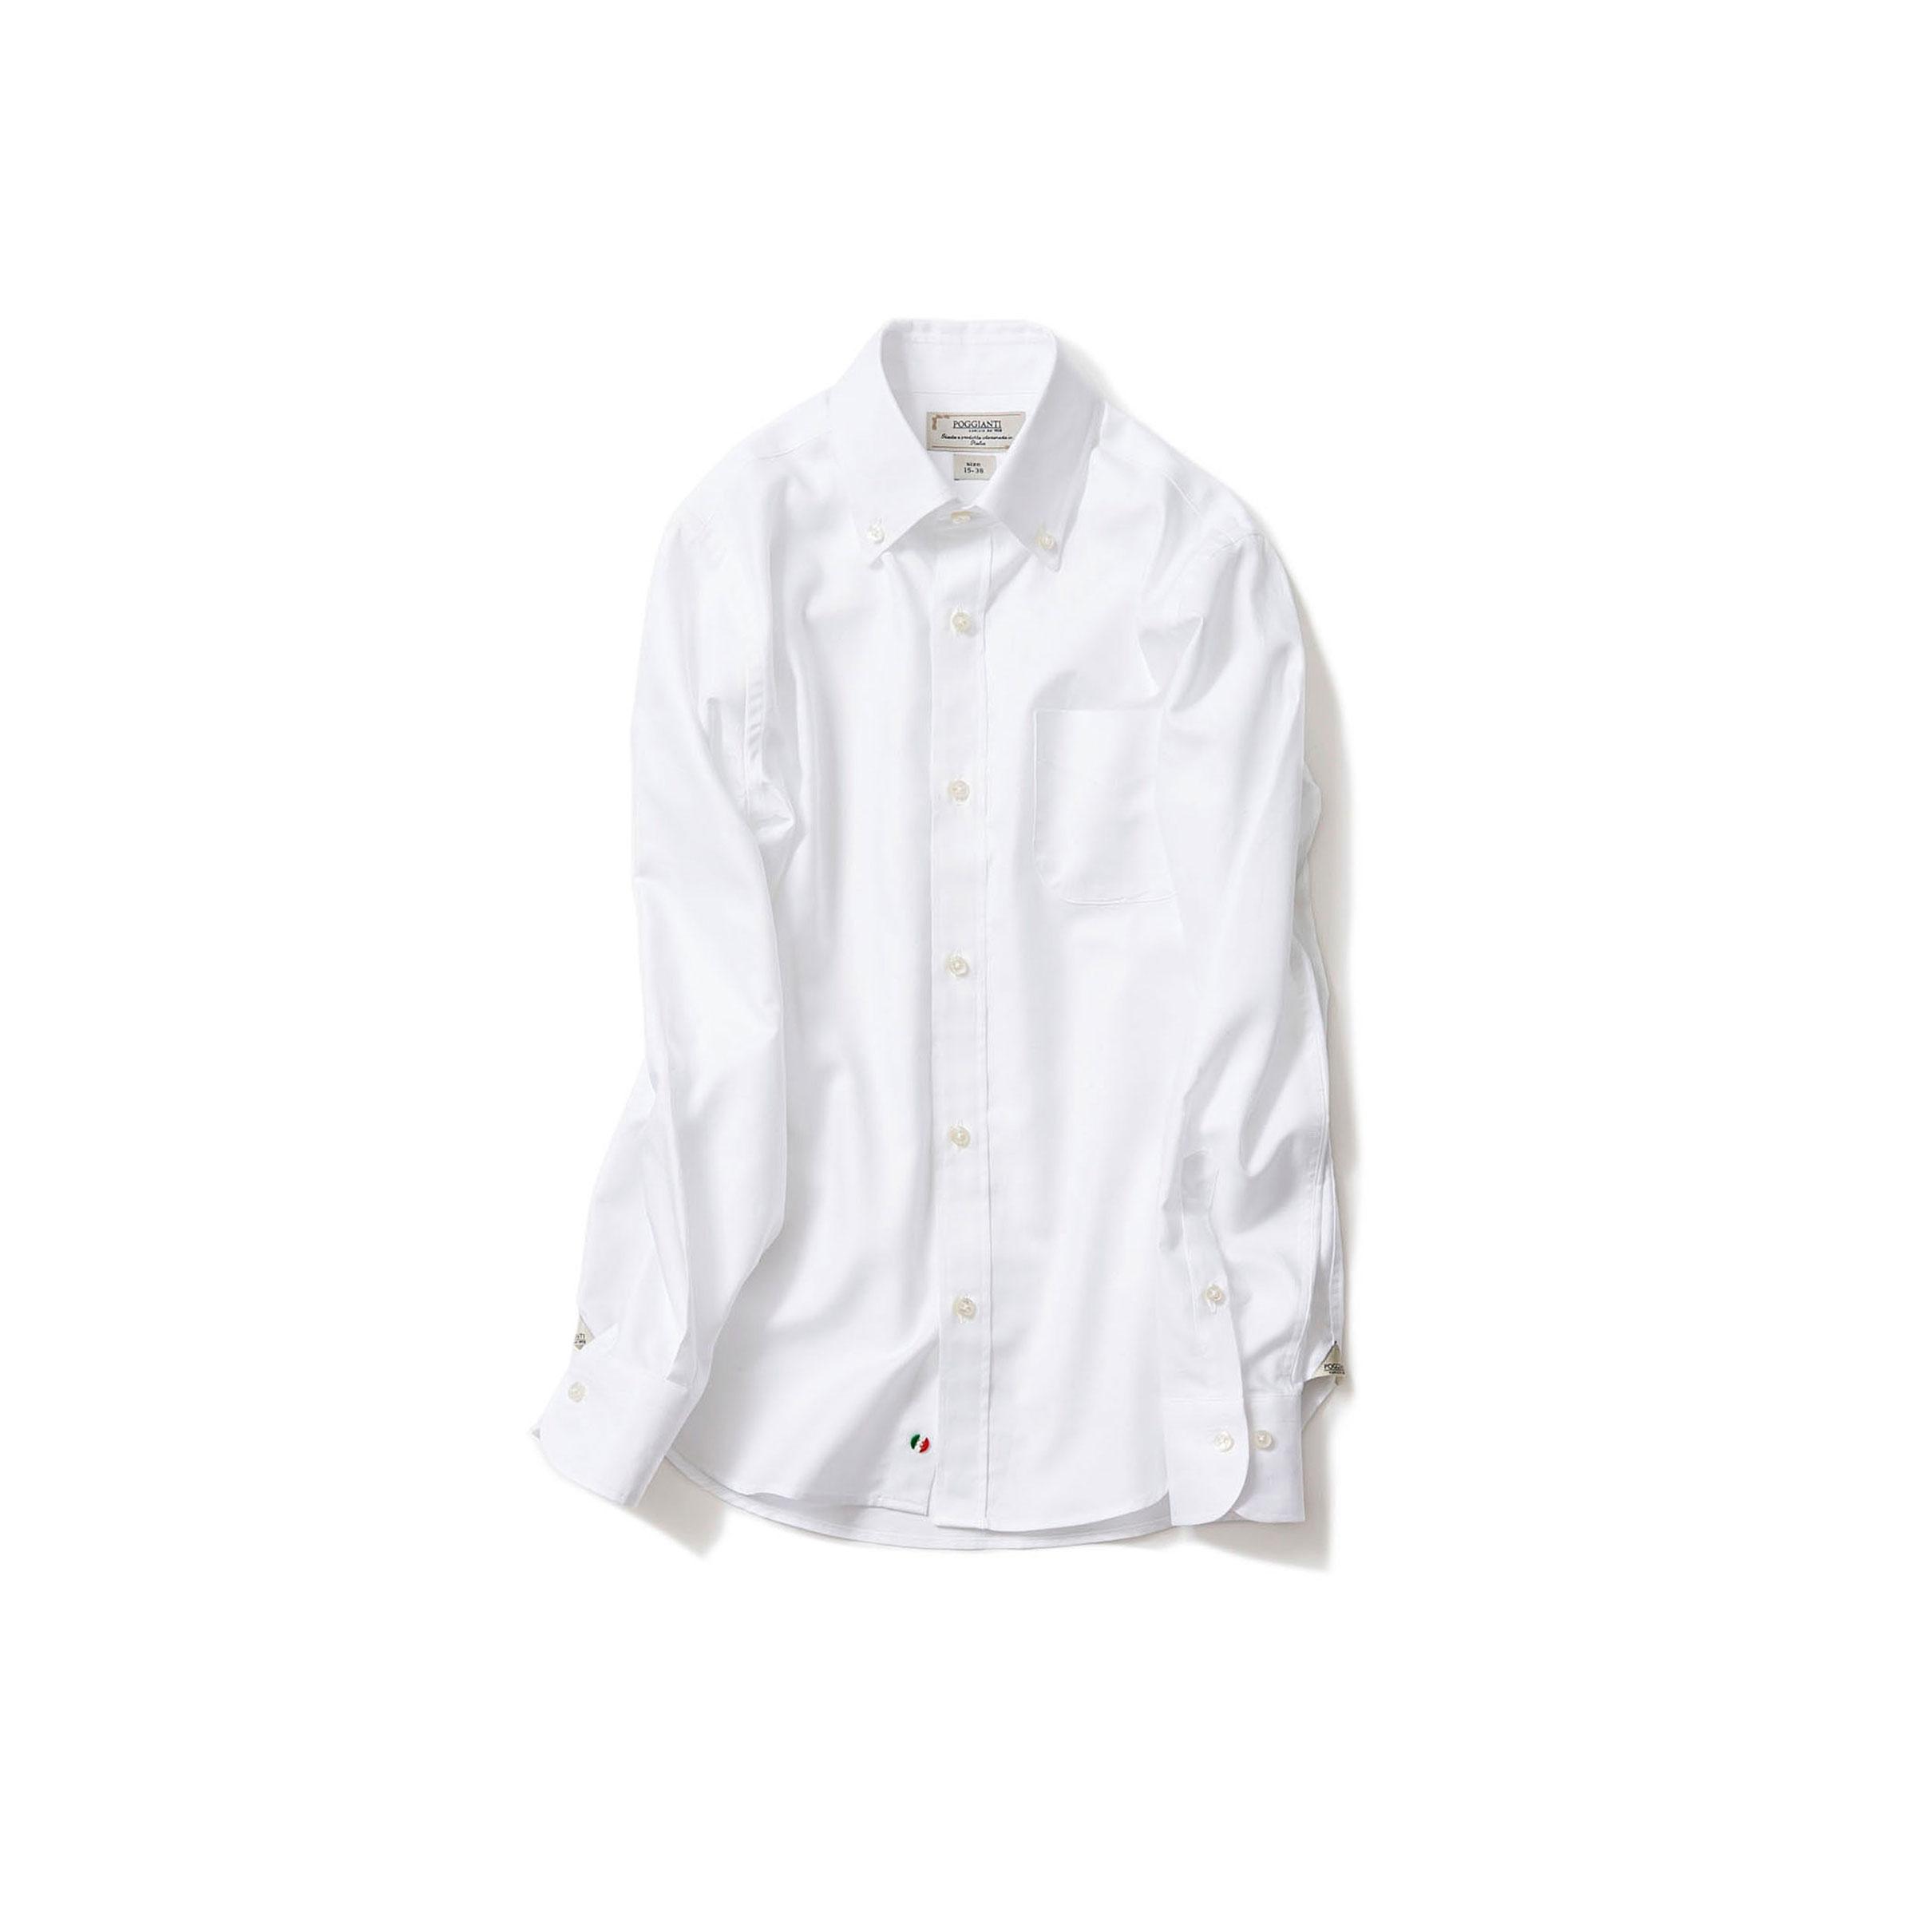 最愛の白シャツ